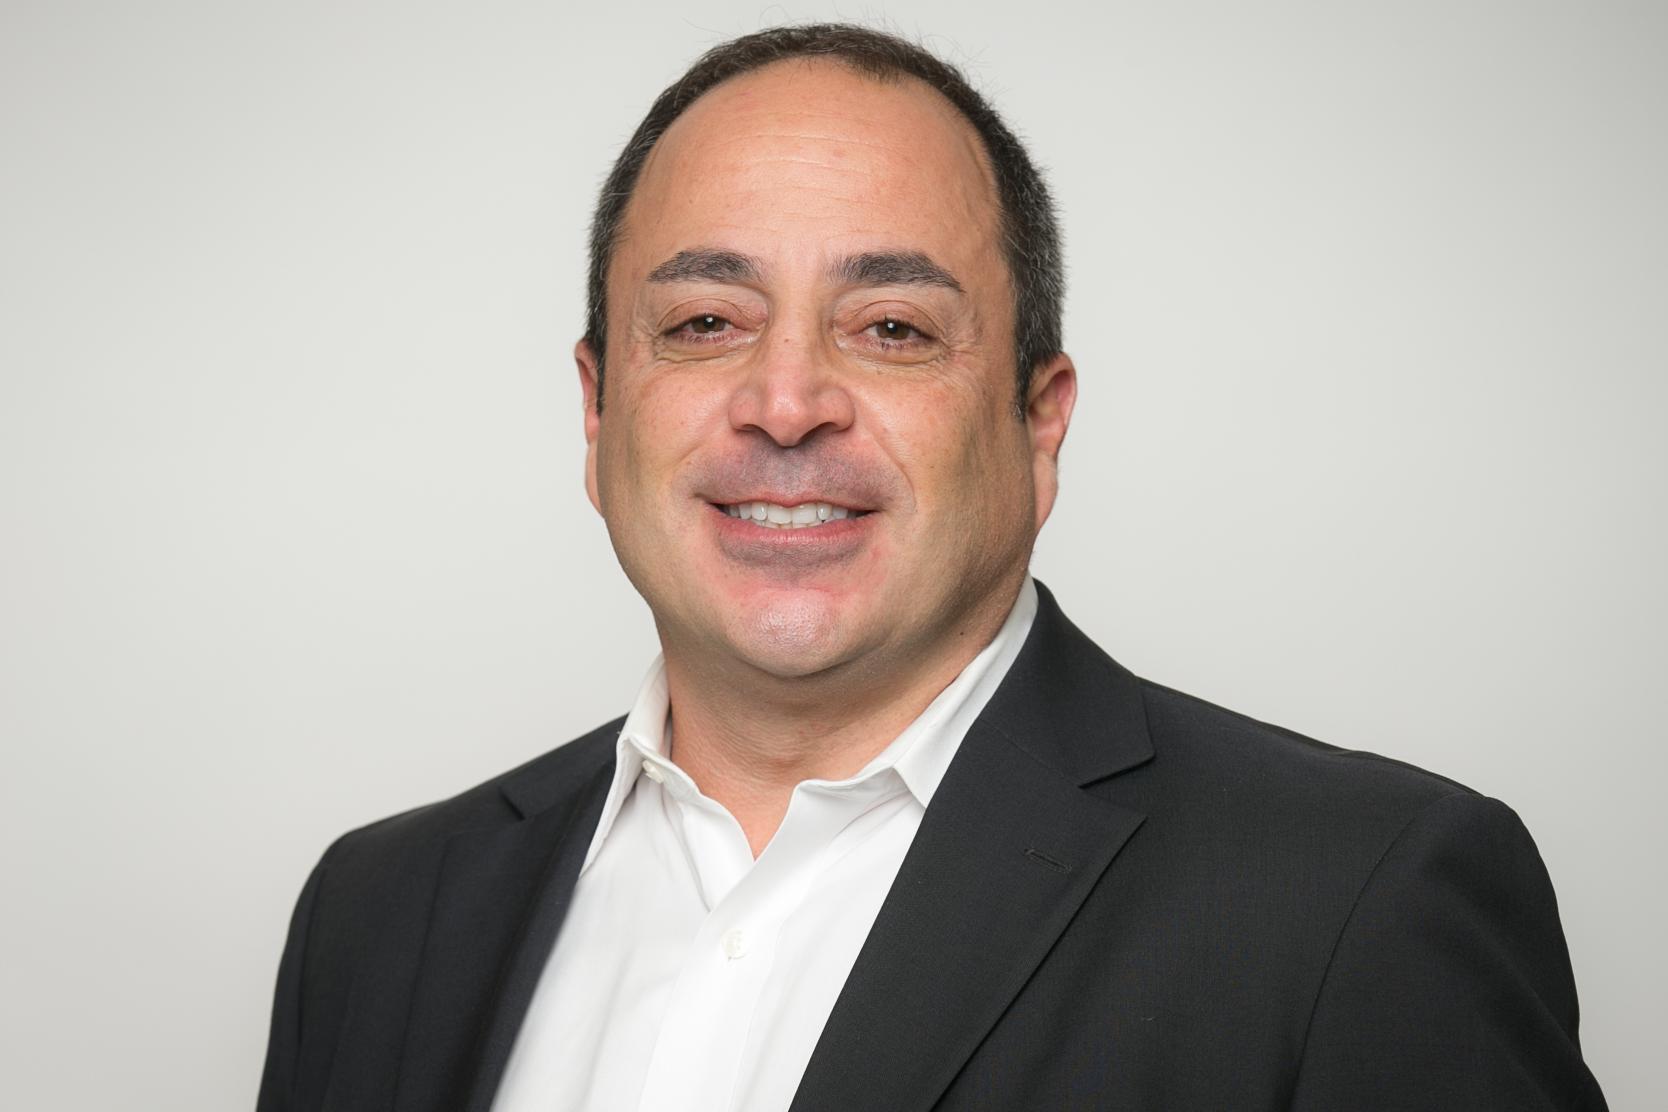 Michael A. Nahass